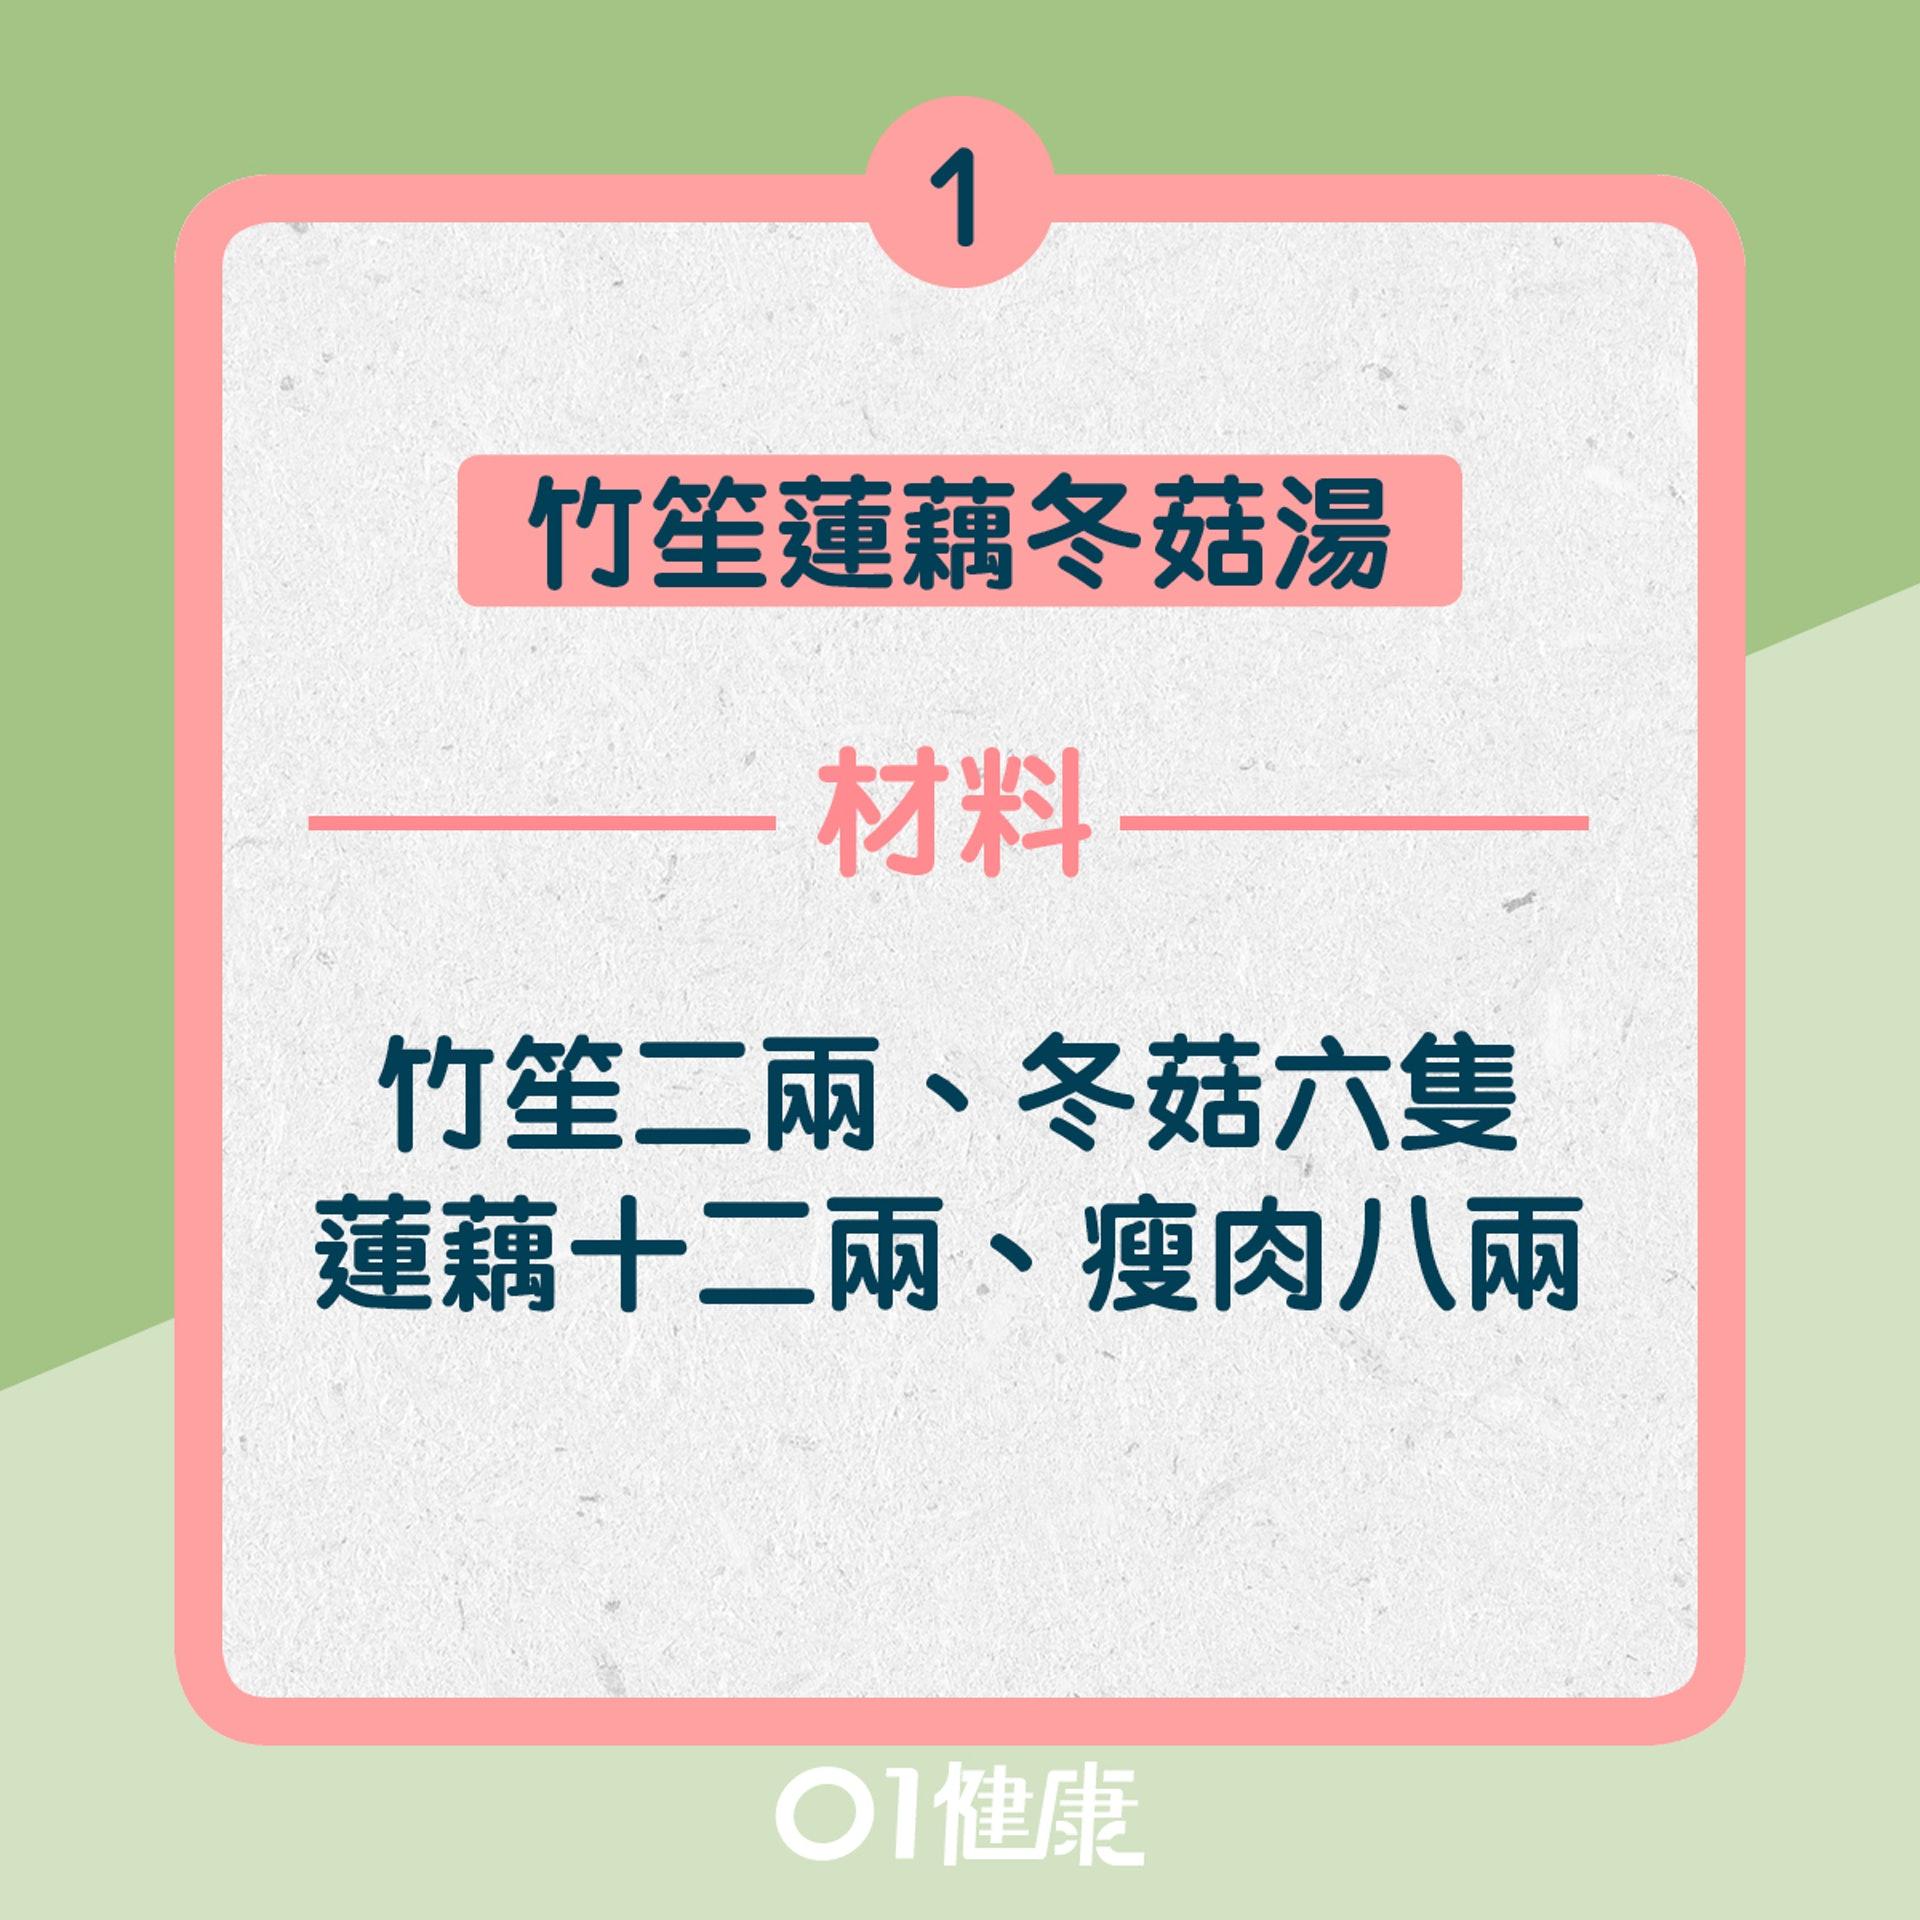 1. 竹笙蓮藕冬菇湯:材料(01製圖)